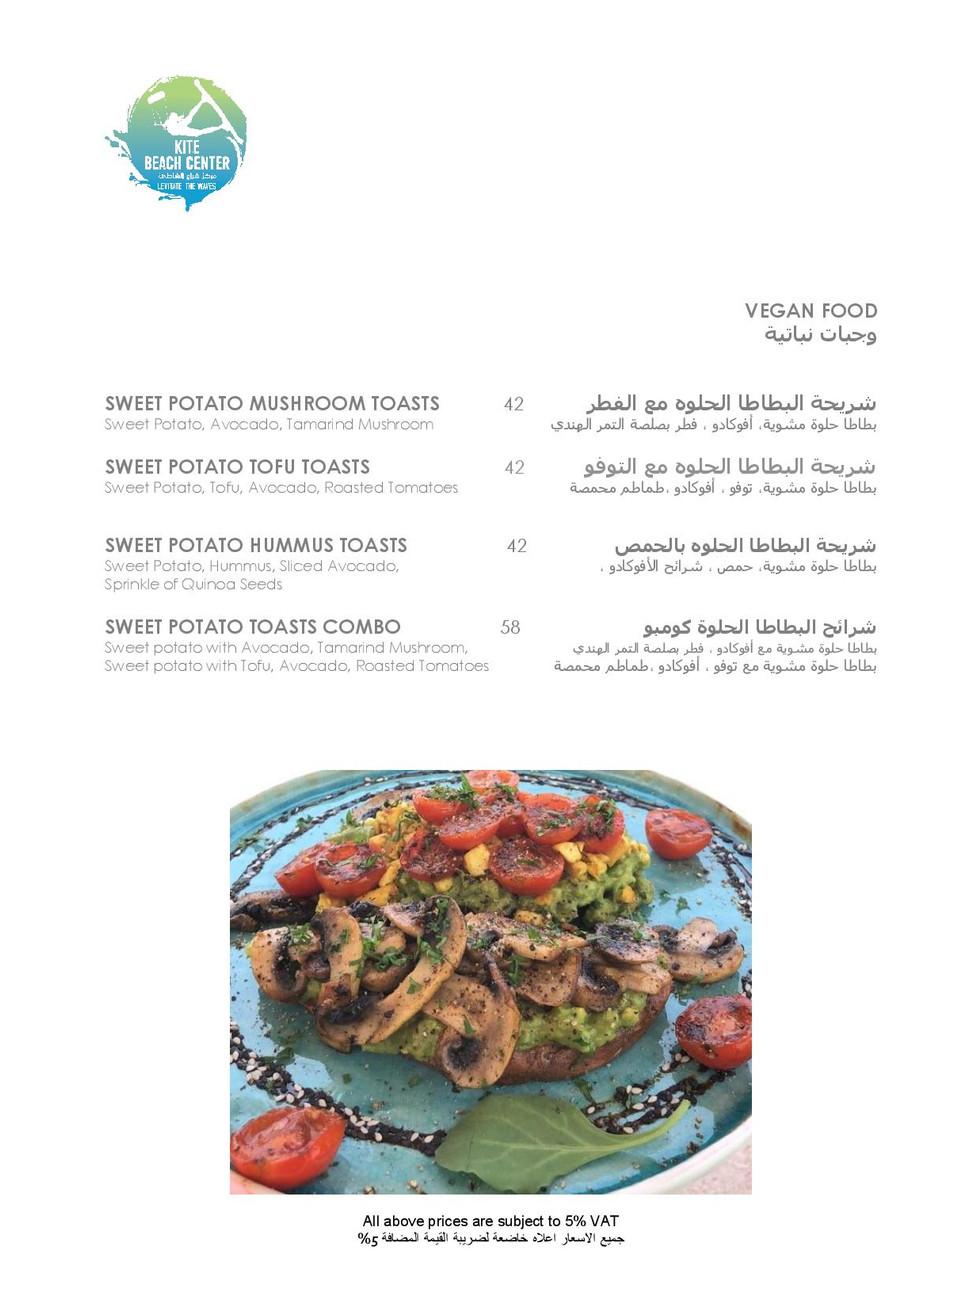 vegan food-page-001.jpg